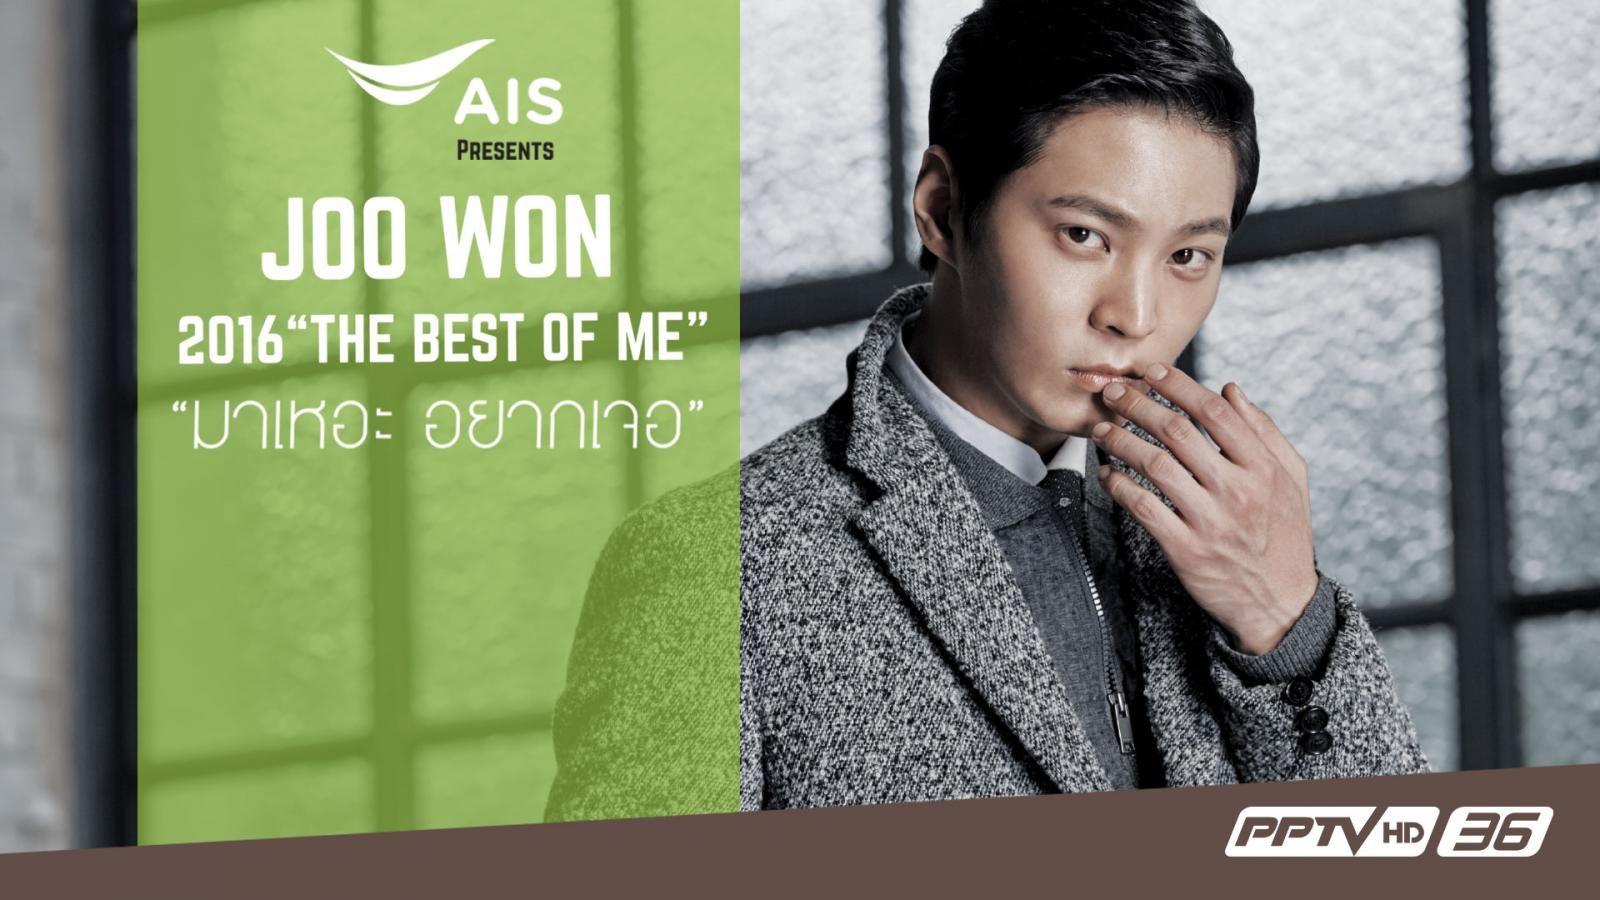 [ประกาศผล] ลุ้นรับบัตร AIS presents 2016 THE BEST OF ME, JOO WON 'มาเหอะ อยากเจอ' ฟรี 10 รางวัล